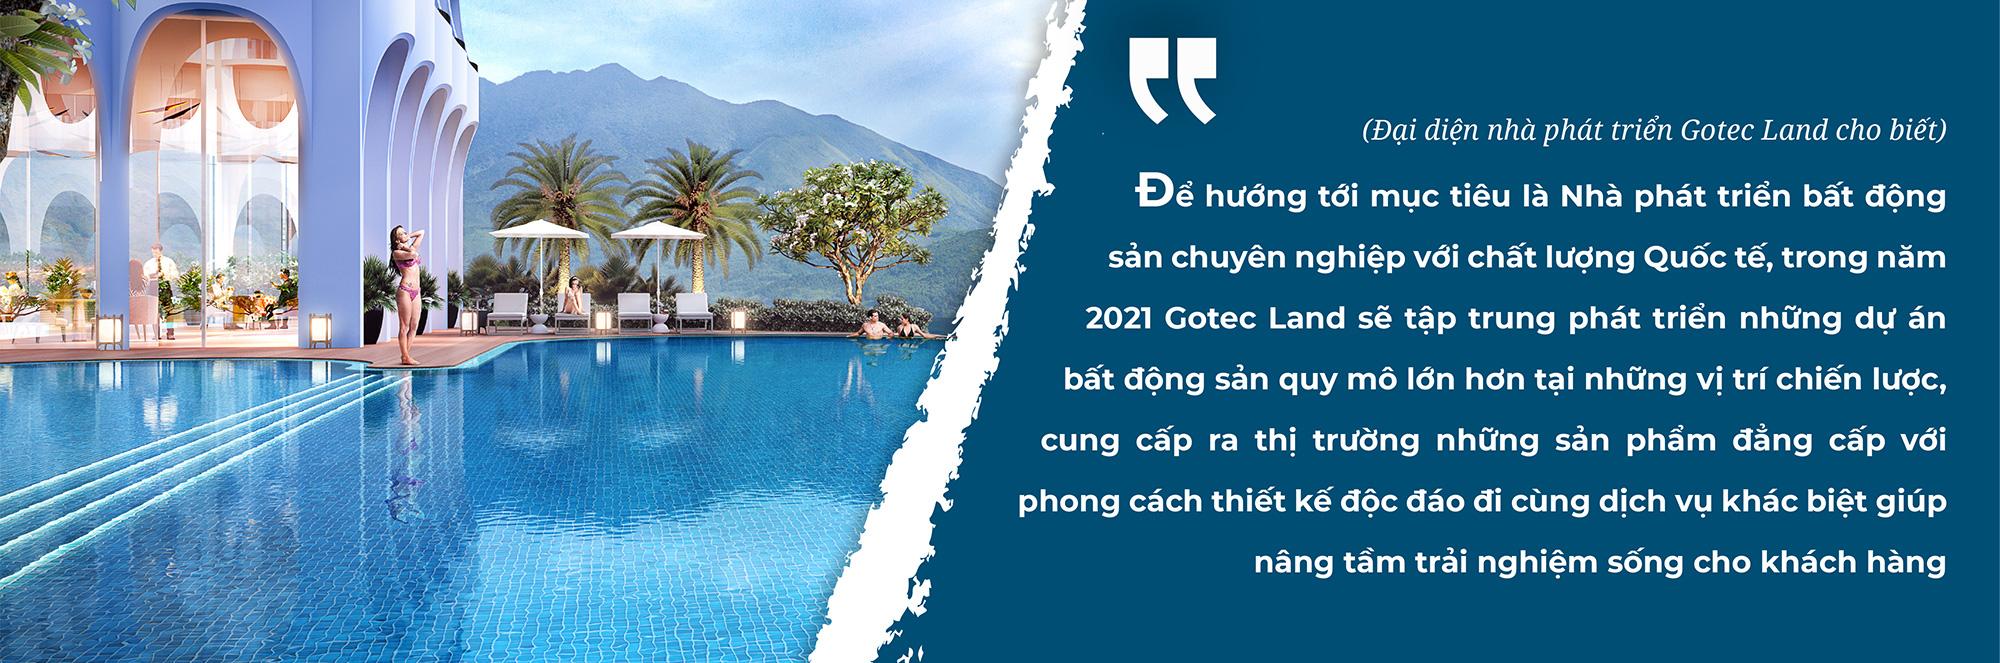 Gotec Land - Đề ra chiến lược nhà phát triển bất động sản mang đến giá trị bền vững - Ảnh 13.